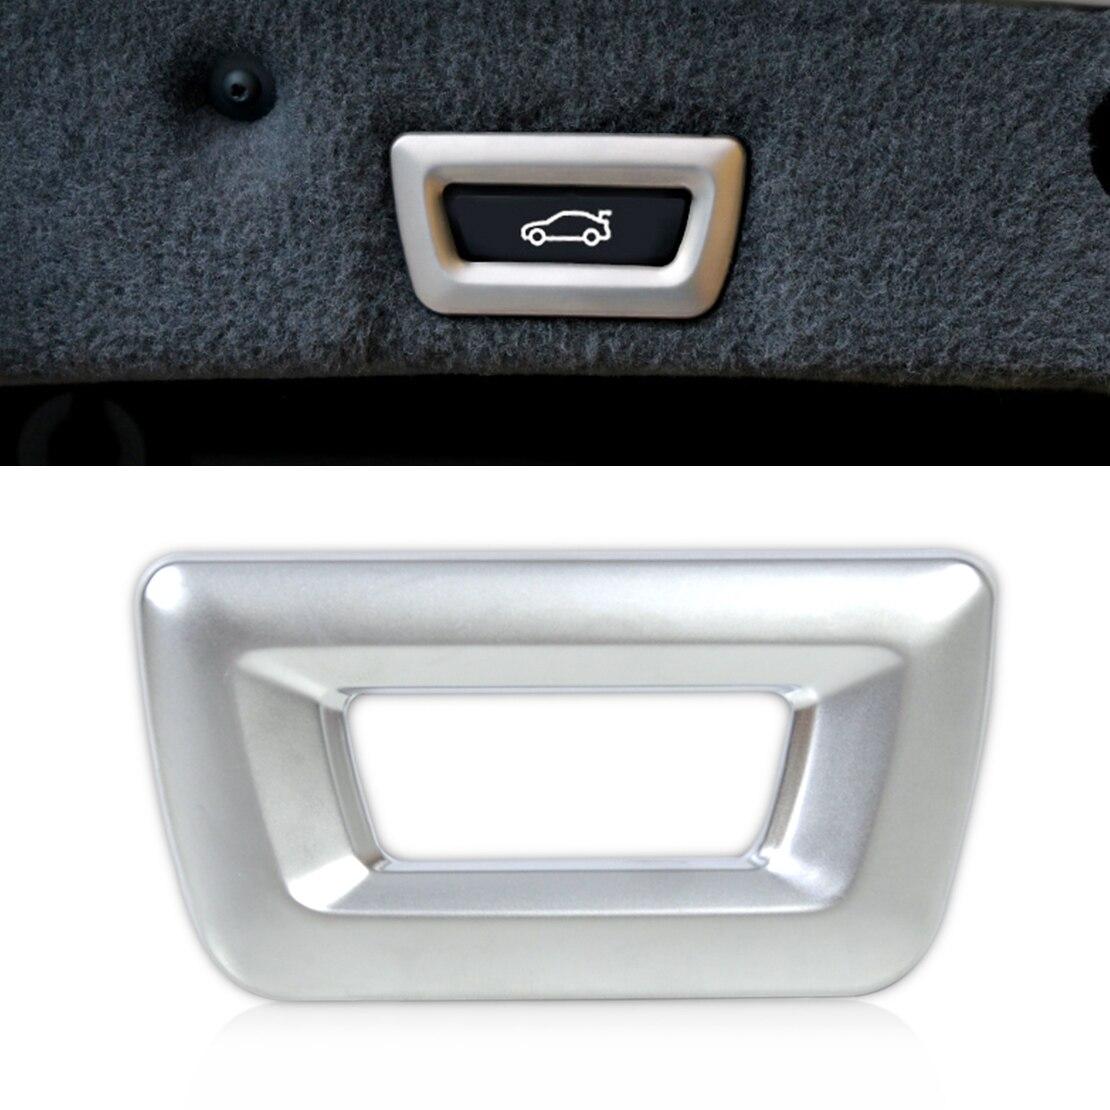 Chrome ABS Trunk Switch 2 Button Trim Frame For BMW X1 X3 X4 X5 X6 3 5 Series